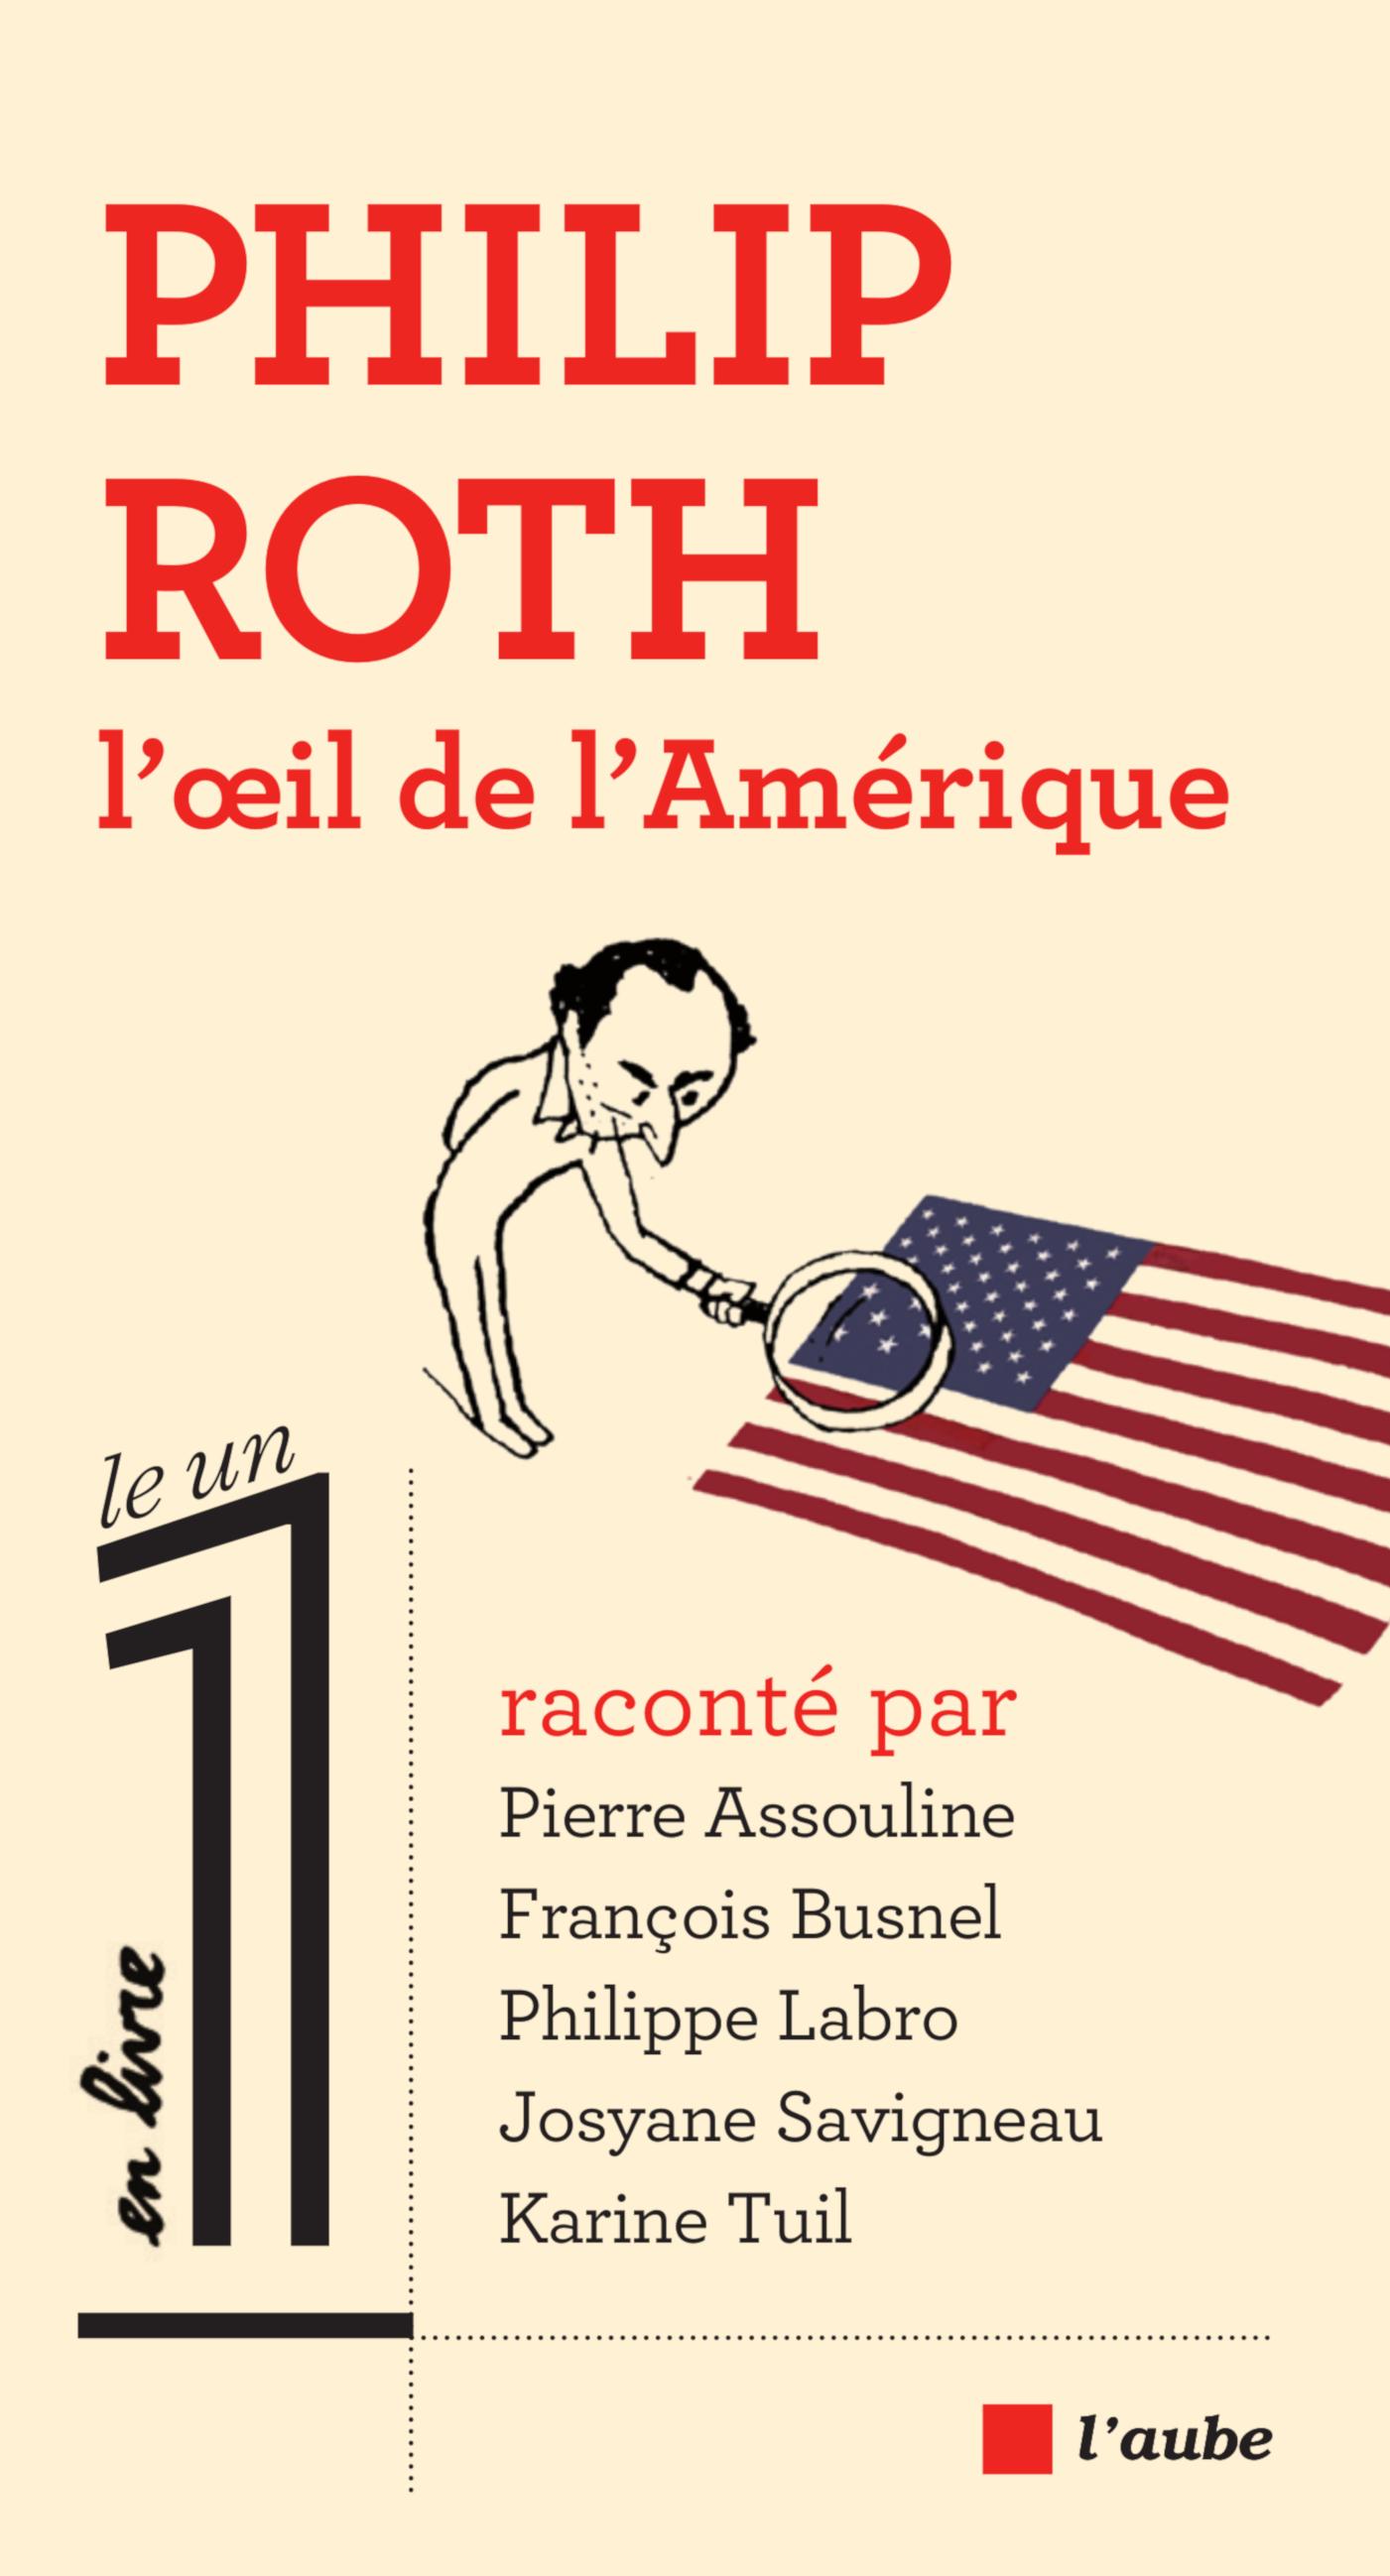 Philip Roth, l'œil de l'Amérique